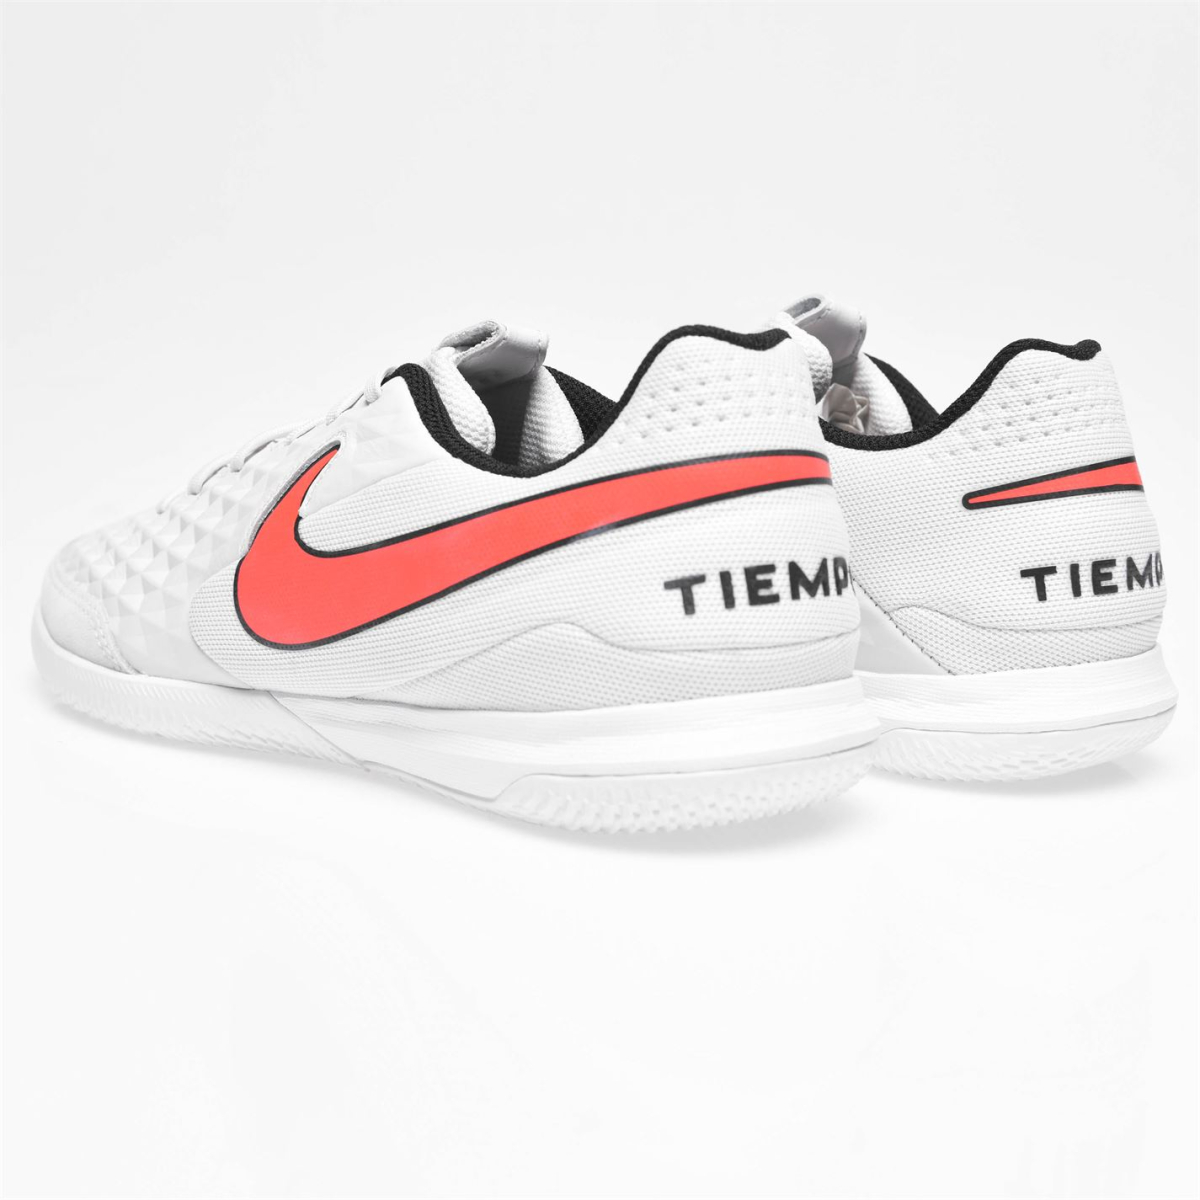 Nike Tiempo Academy Hallenschuhe Fußballschuhe Indoor Herren Indoorschuhe 1037